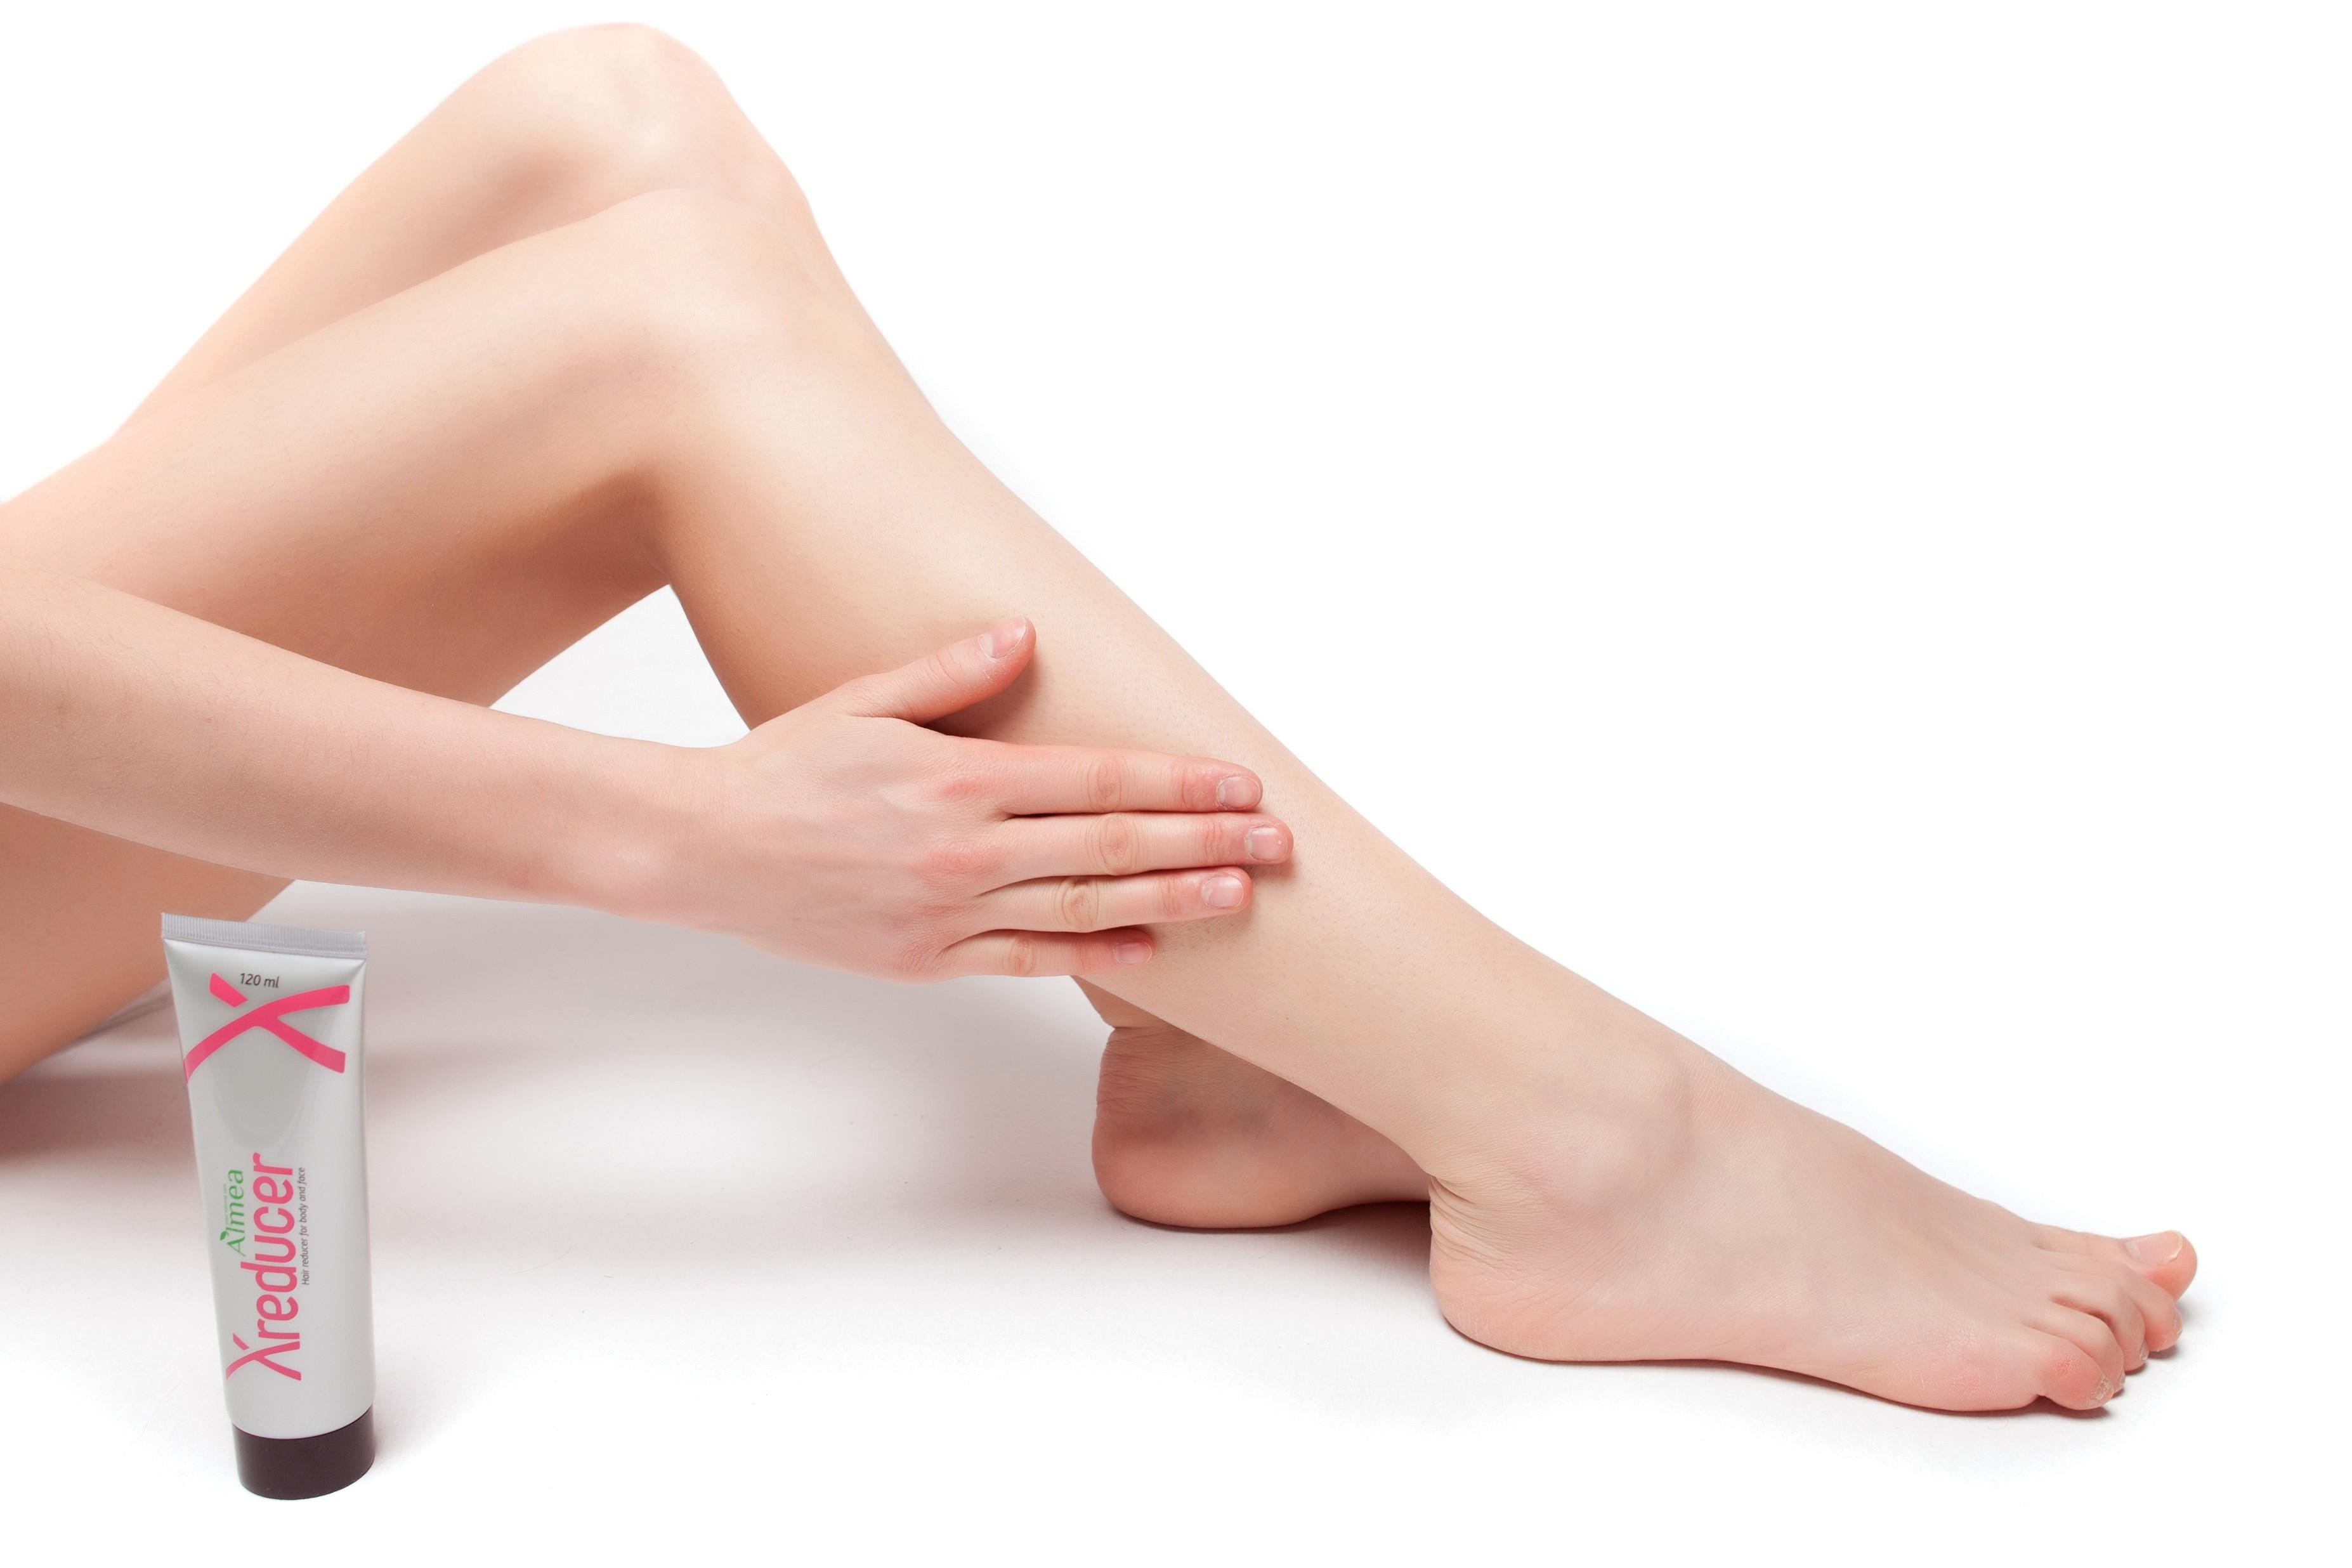 Чтобы ножки блестели как у модели